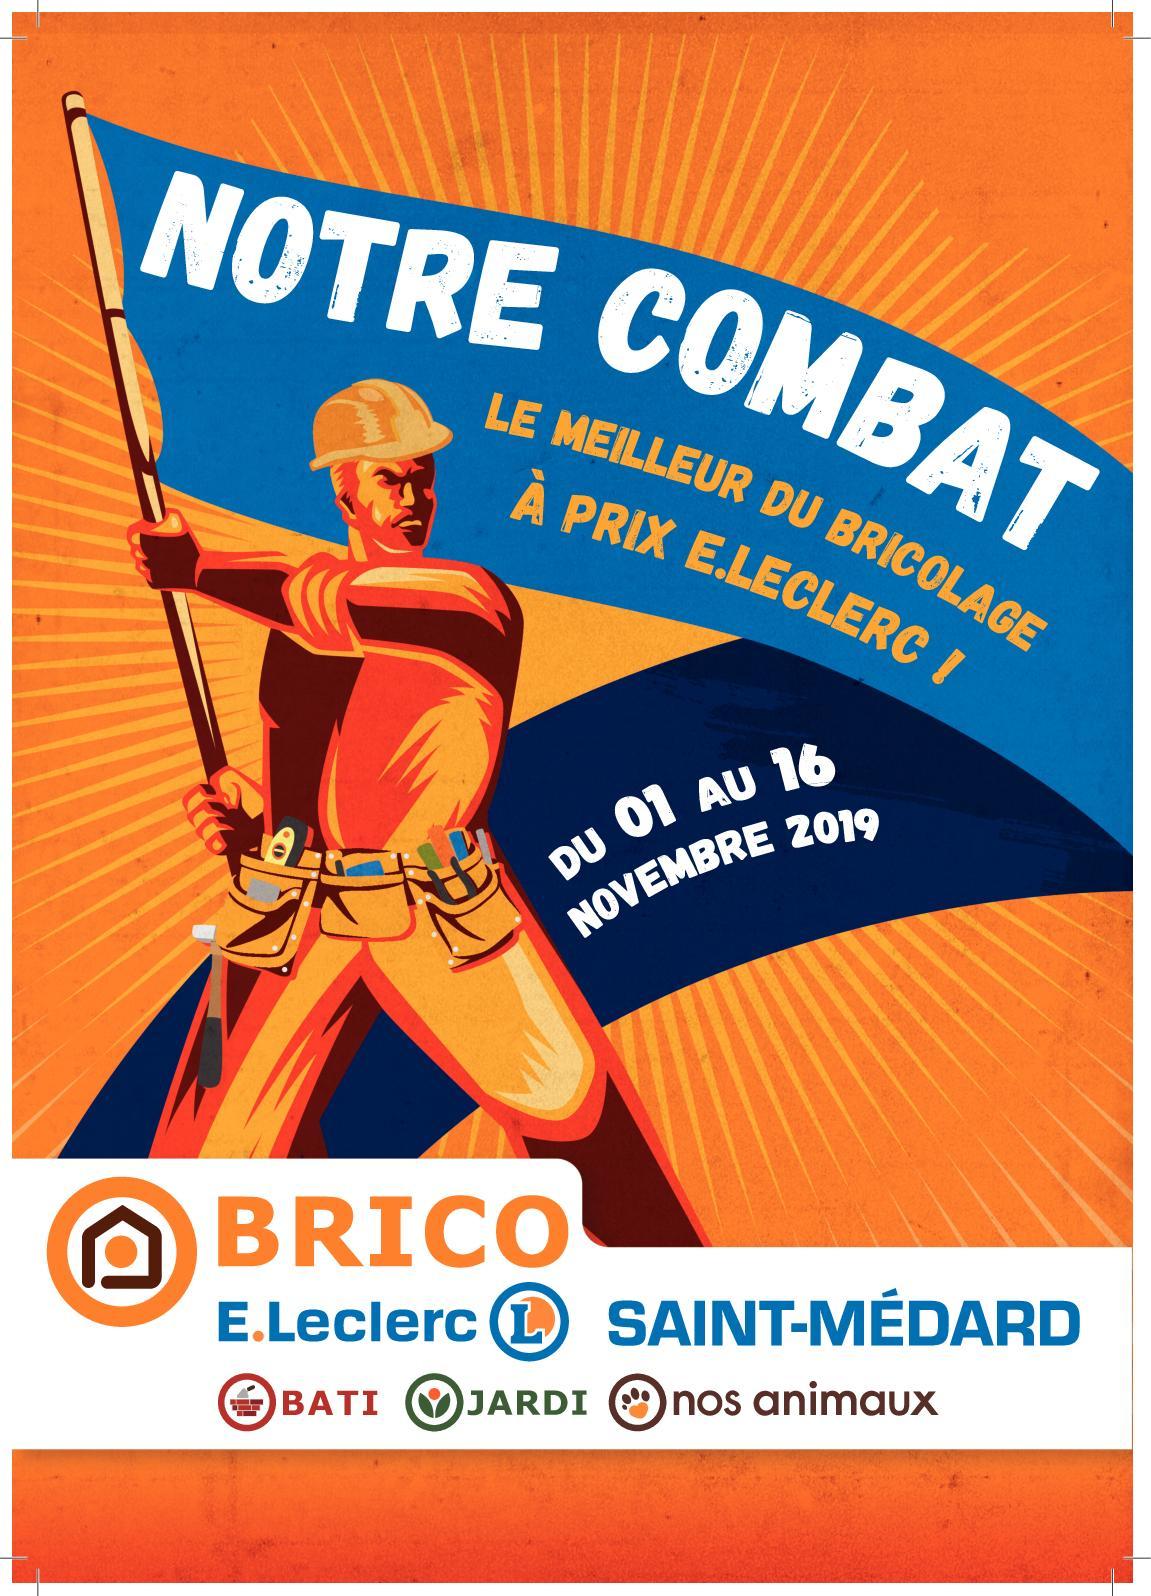 Calaméo - Catalogue Brico E.leclerc Saint-Médard pour Mini Serre Leclerc